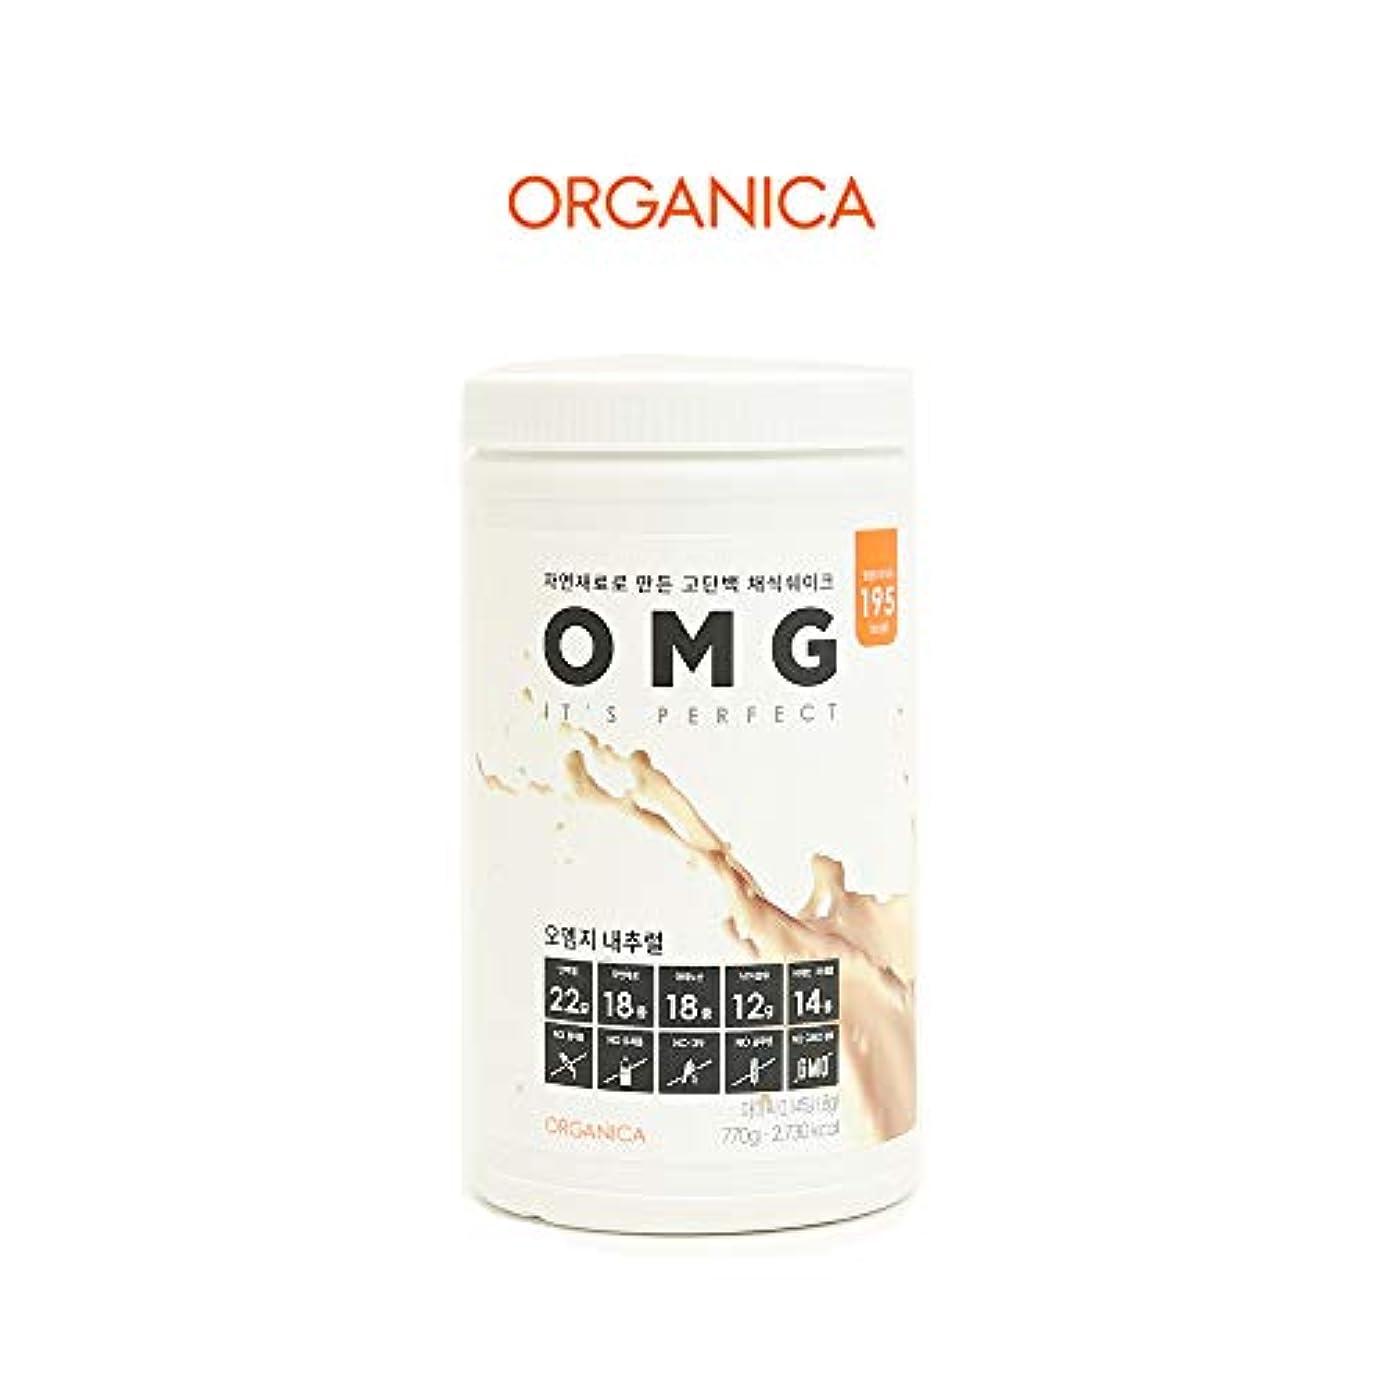 低下ディベート首尾一貫したオーエムジー タンパク質 ダイエット シェイク (OMG, protein shake) (ナチュラル)